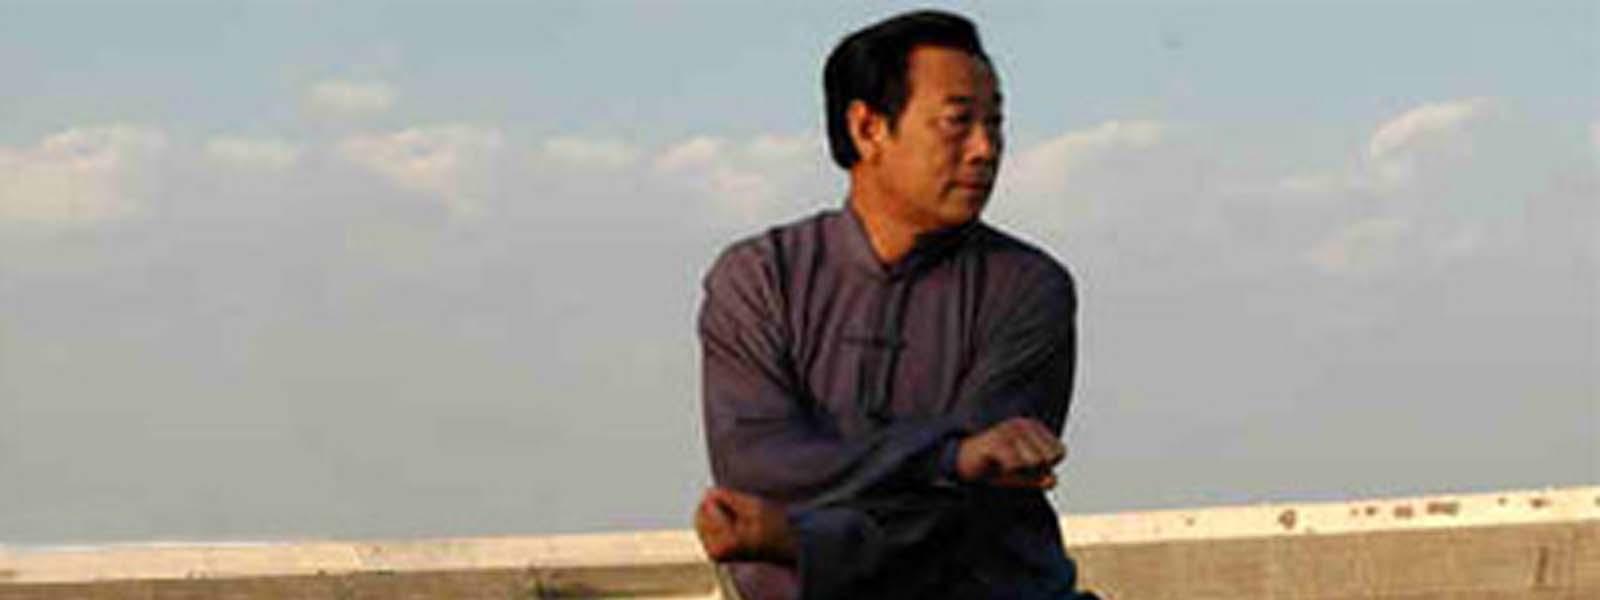 wang_xian_3